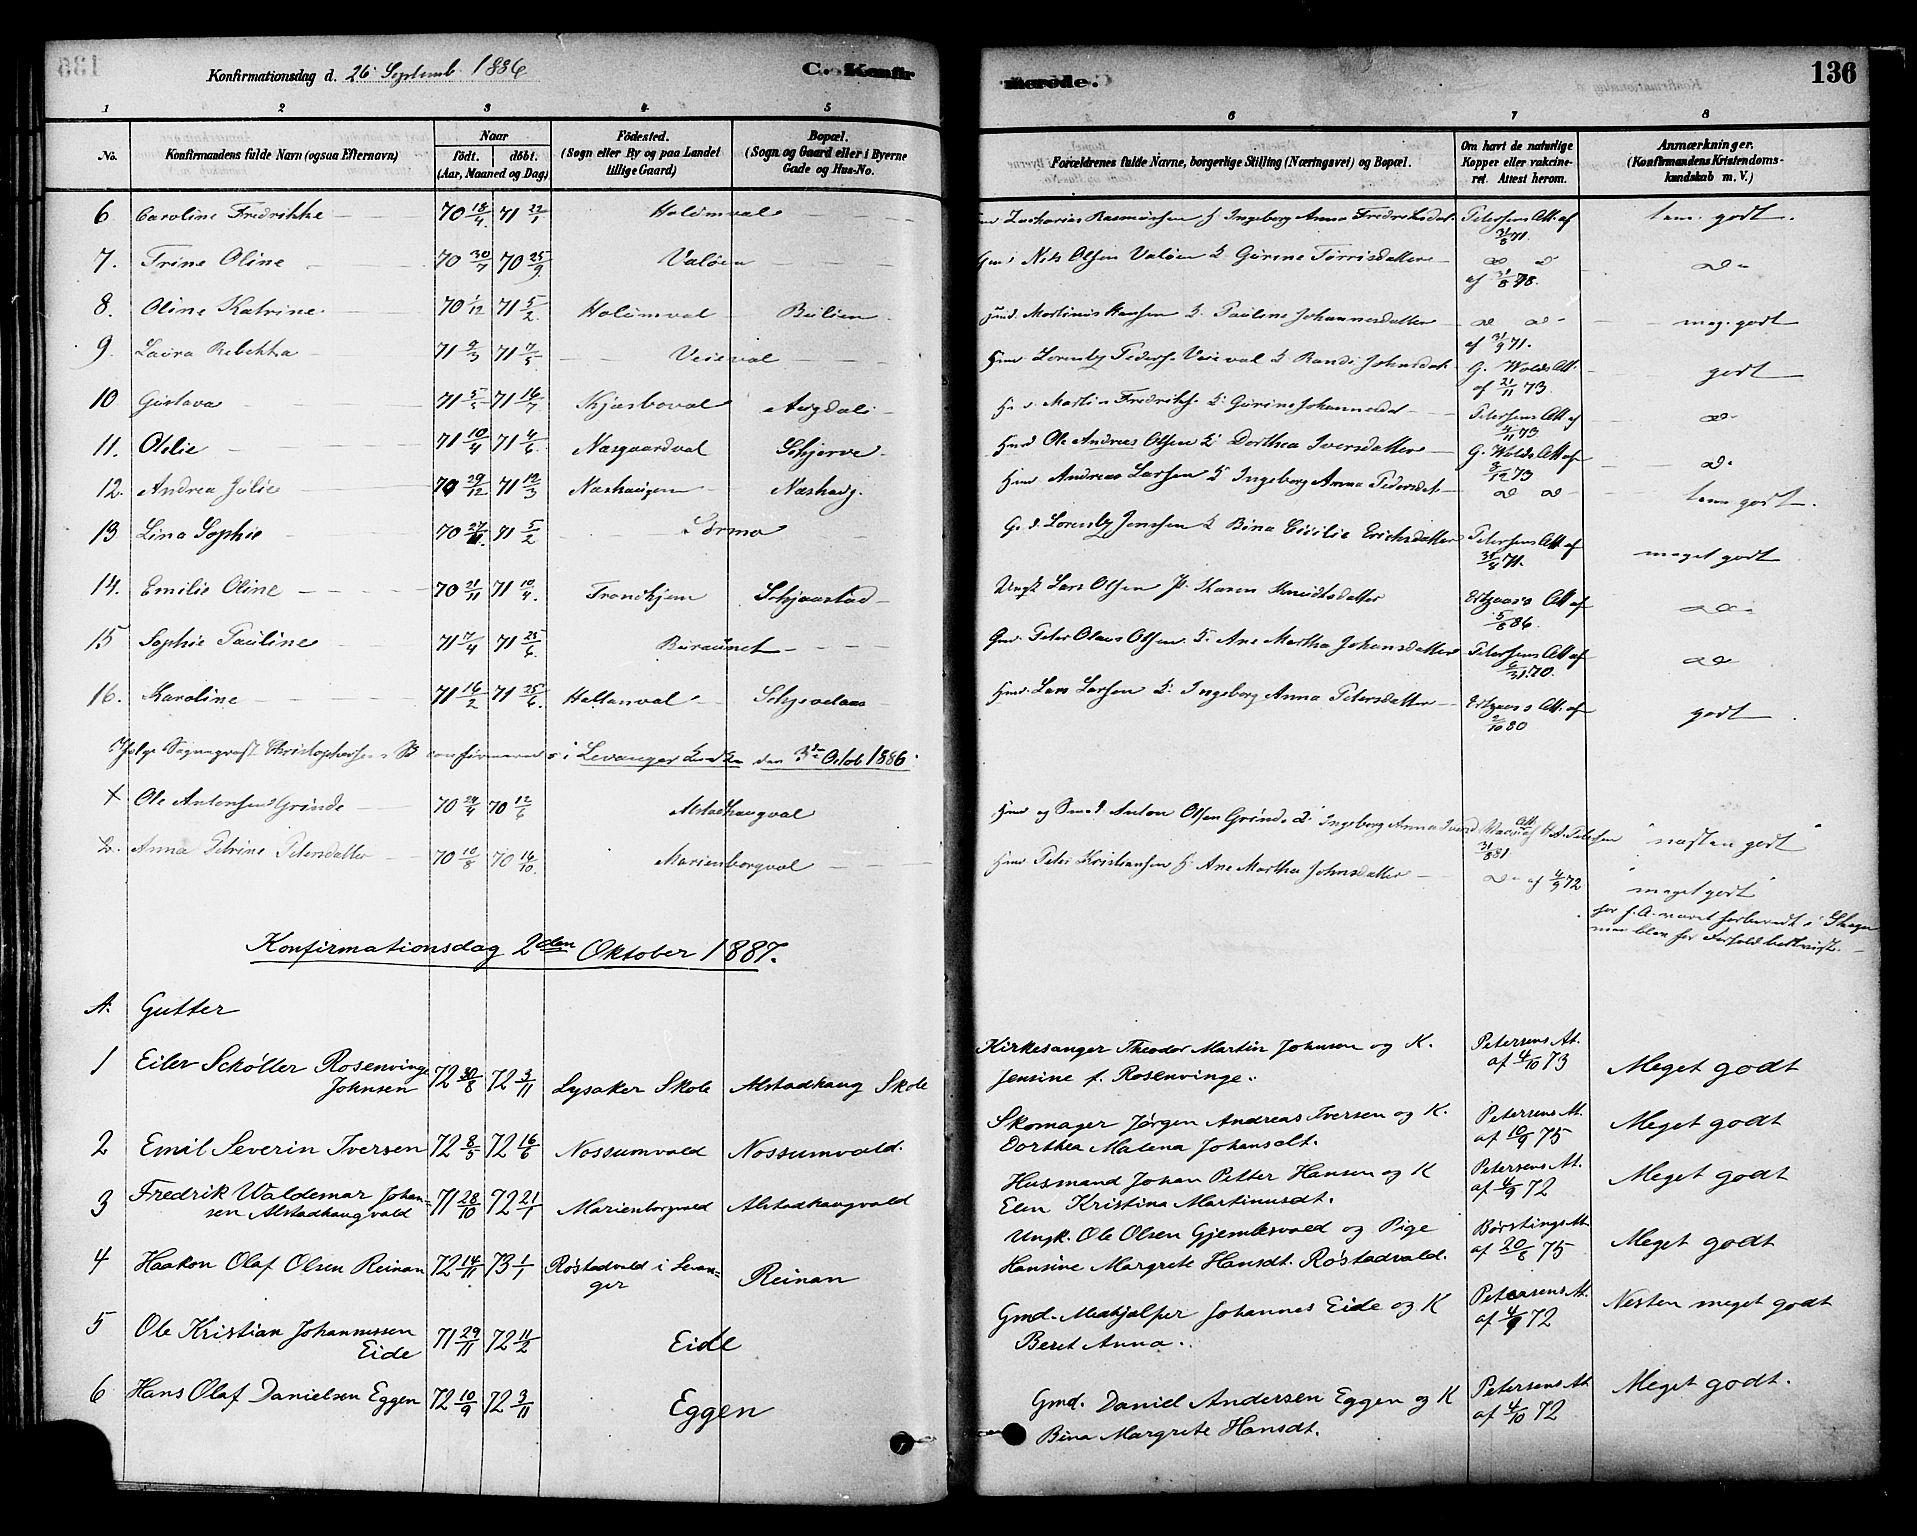 SAT, Ministerialprotokoller, klokkerbøker og fødselsregistre - Nord-Trøndelag, 717/L0159: Ministerialbok nr. 717A09, 1878-1898, s. 136